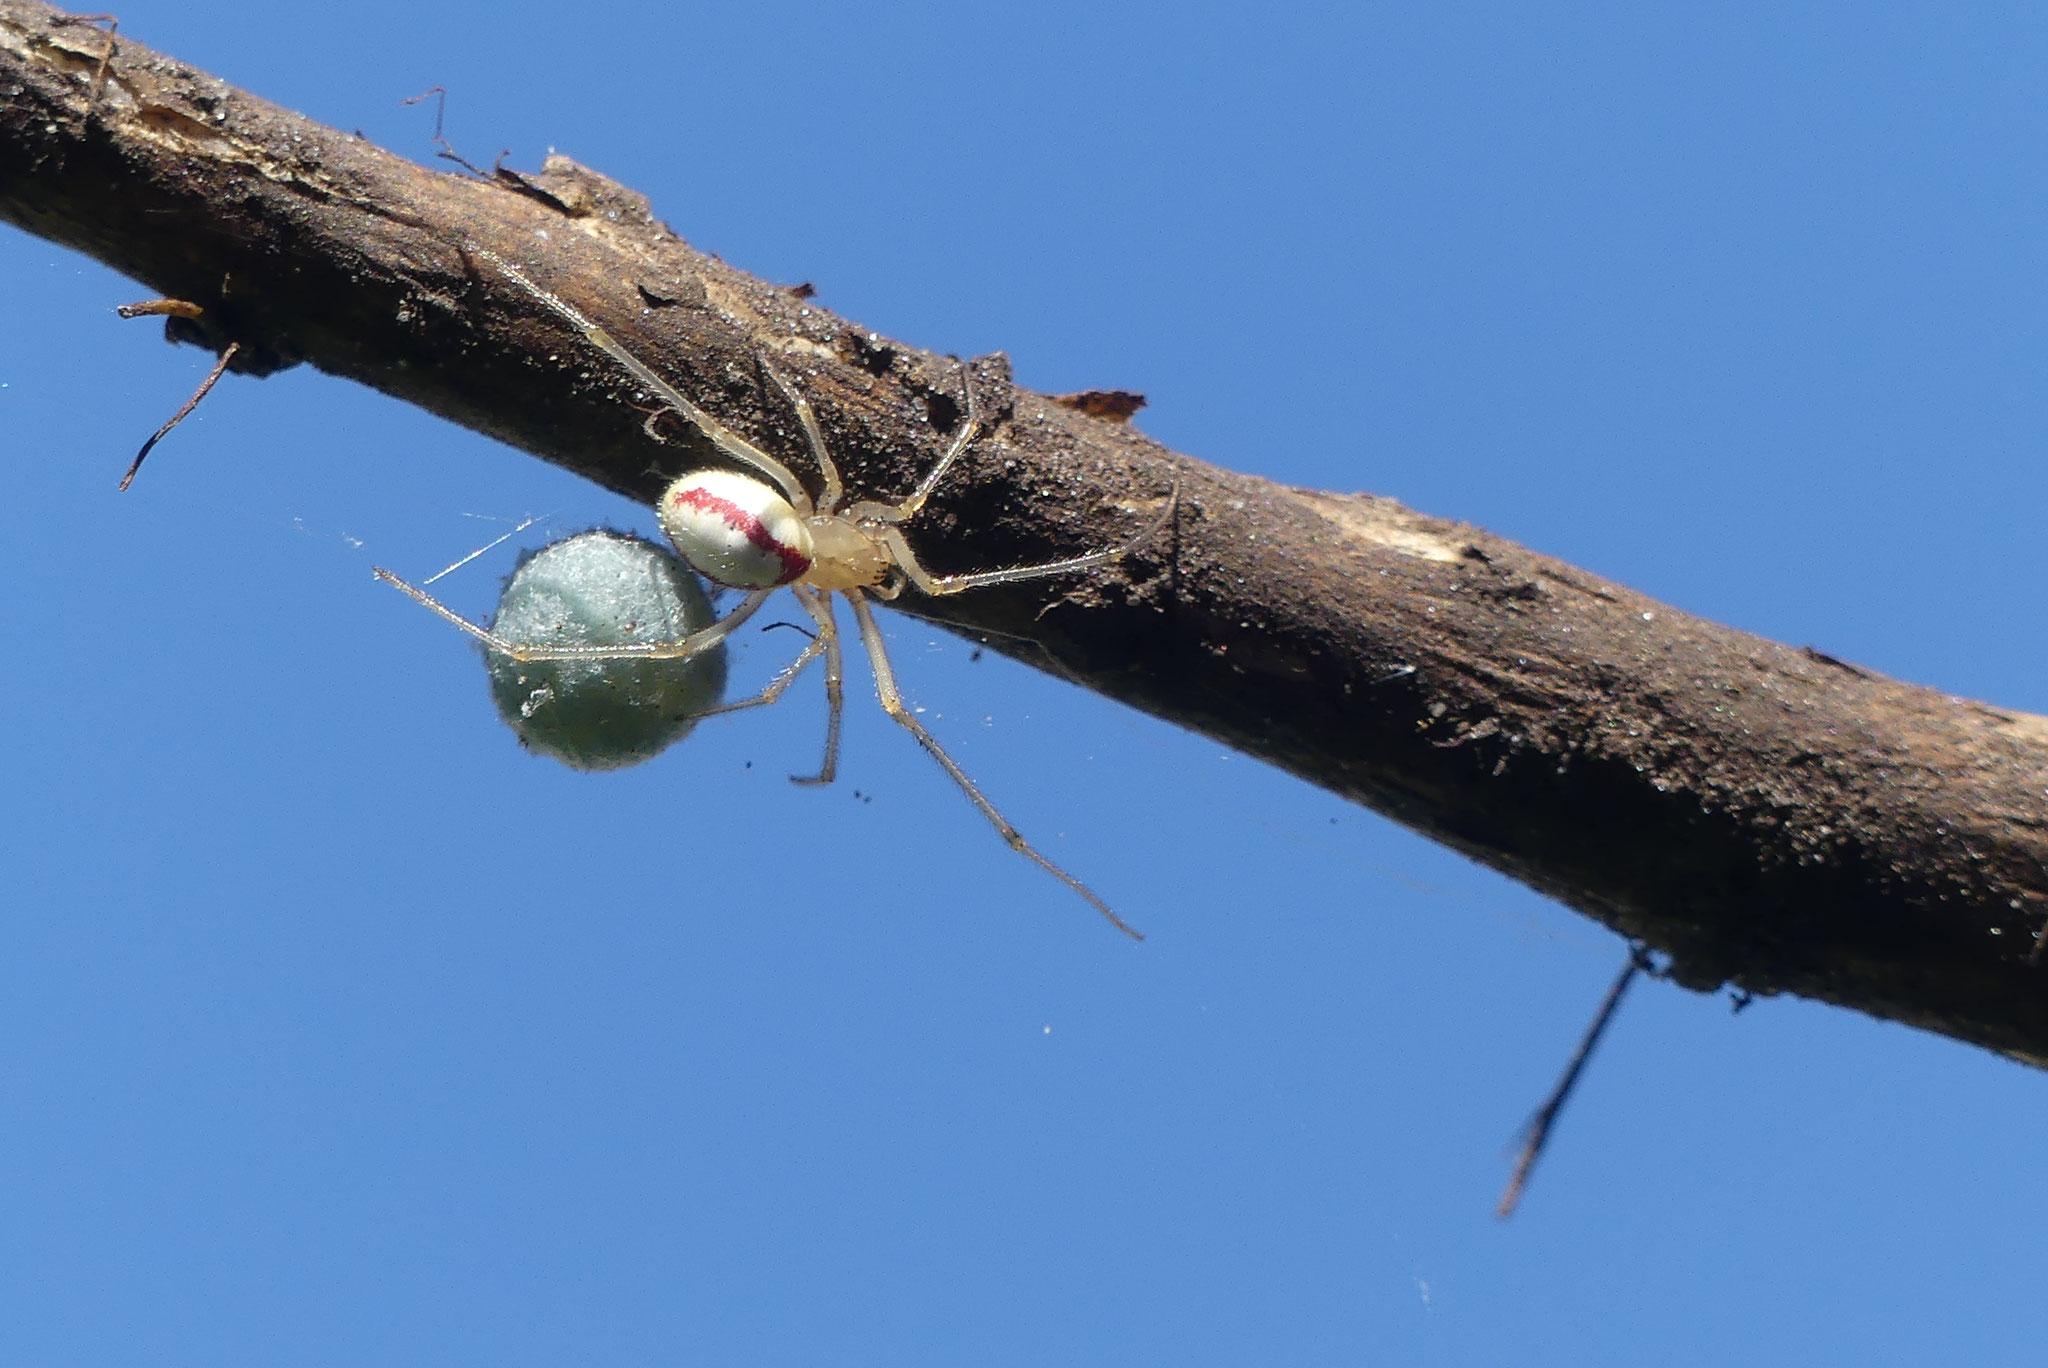 Spinne mit Kokon in der Komposttonne - Foto: Gesine Schwerdtfeger